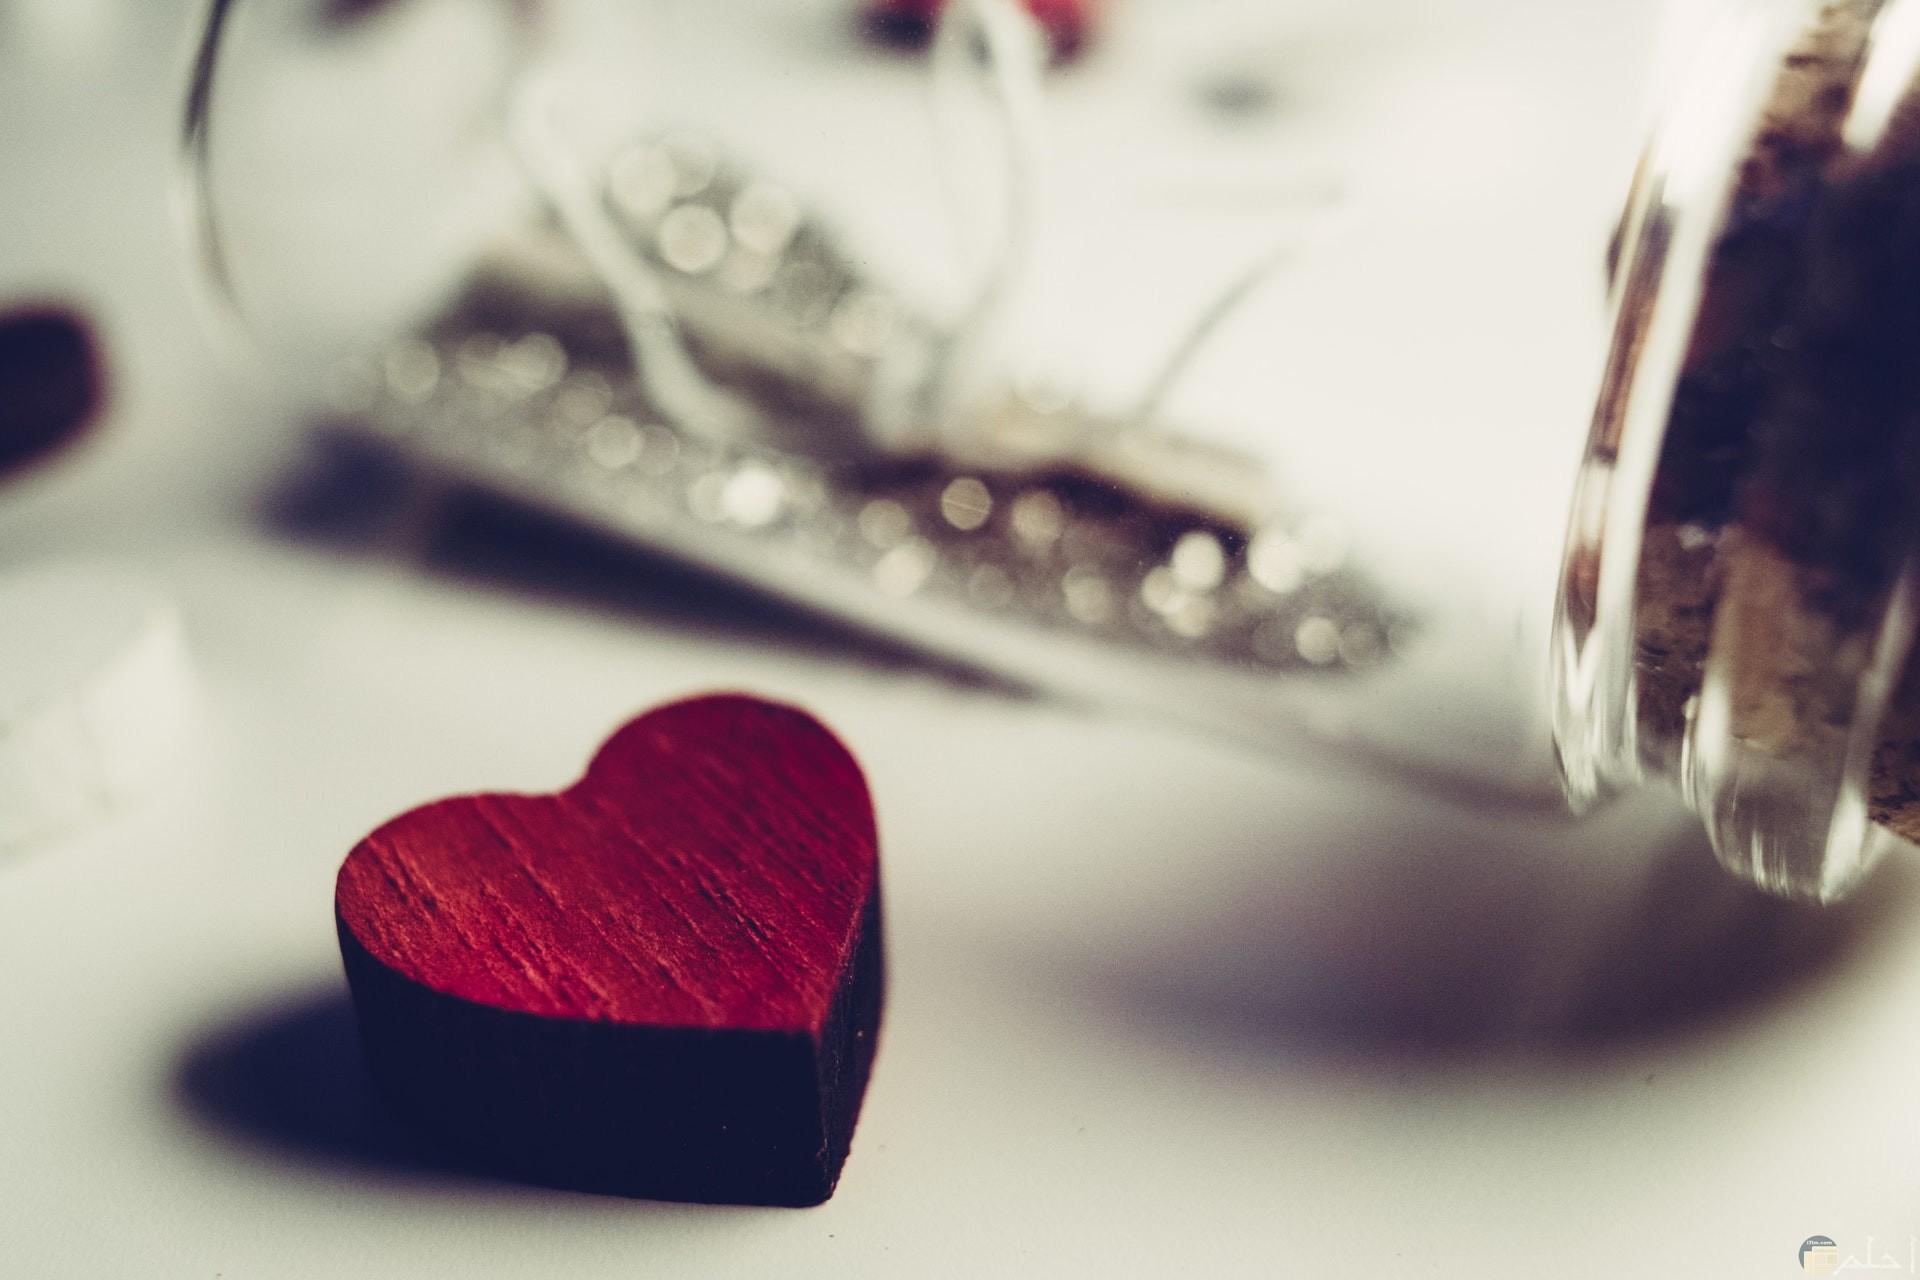 صورة جميلة جدا لقلب أحمر حلو بجانب برطمان زجاجي